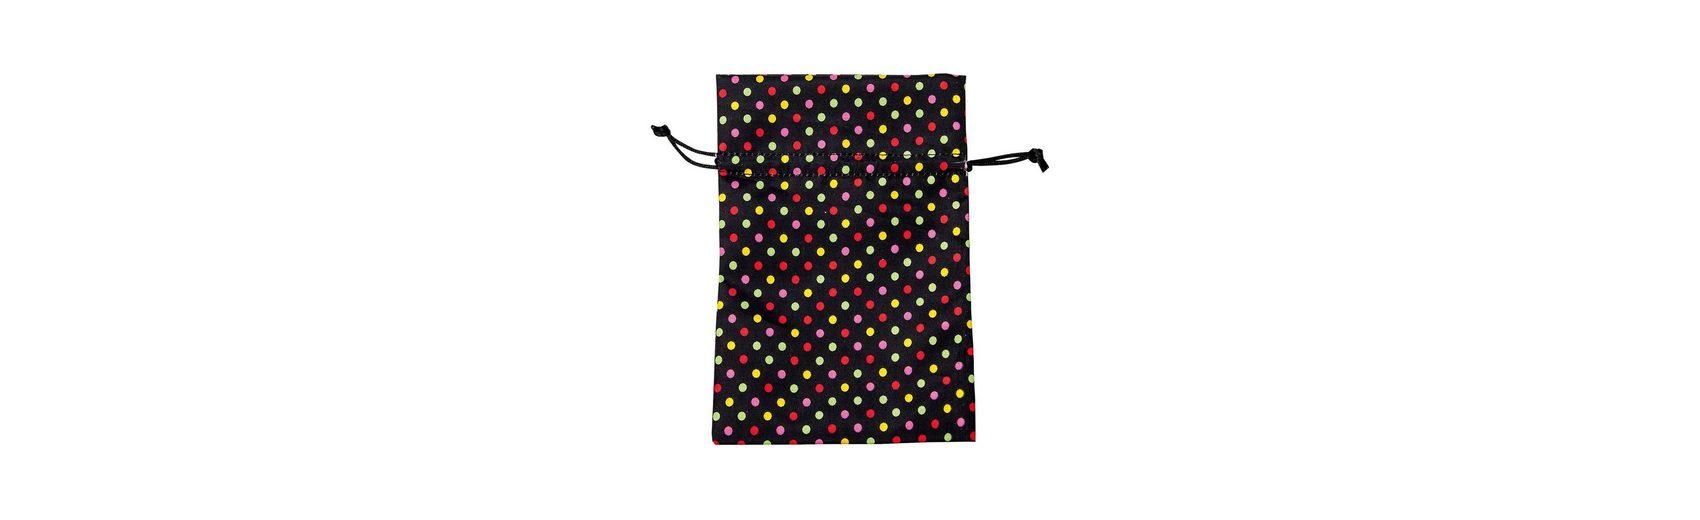 Hotex Stoffbeutel 13 x 18 cm Punkte schwarz-bunt, 12 Stück